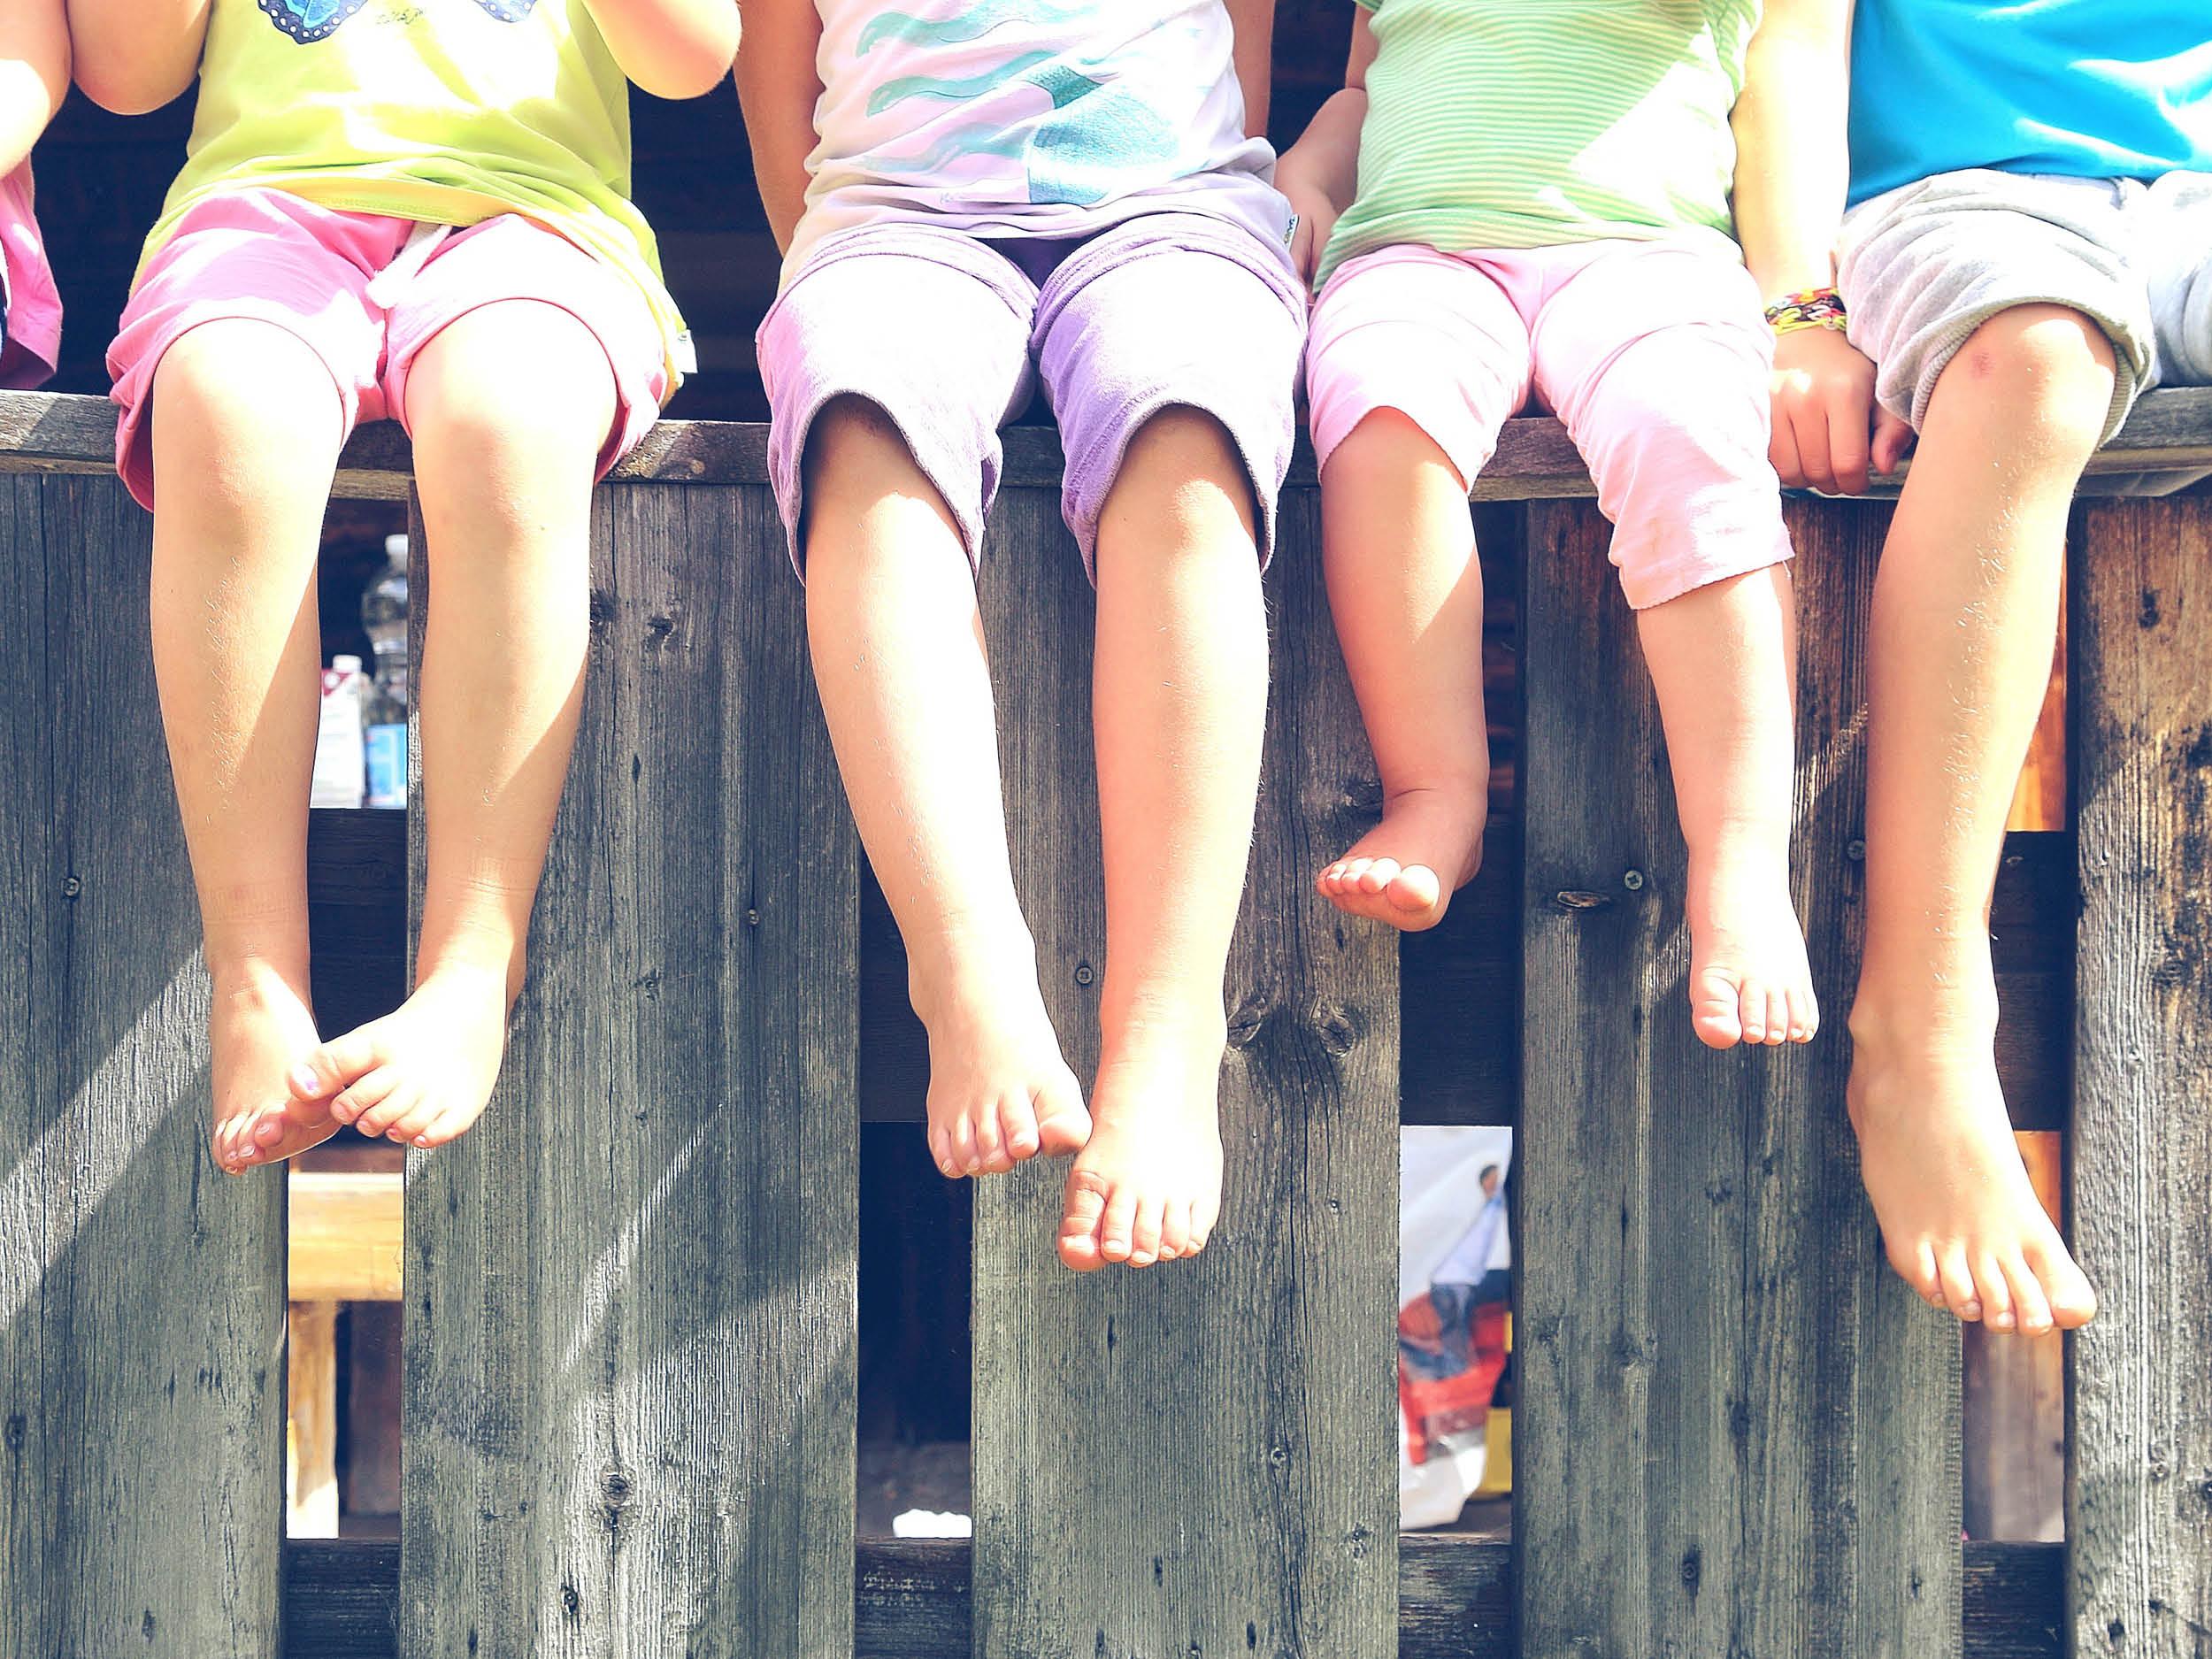 Ganztagsgrundschule braucht qualitativen Impuls und verbindliche Kooperation